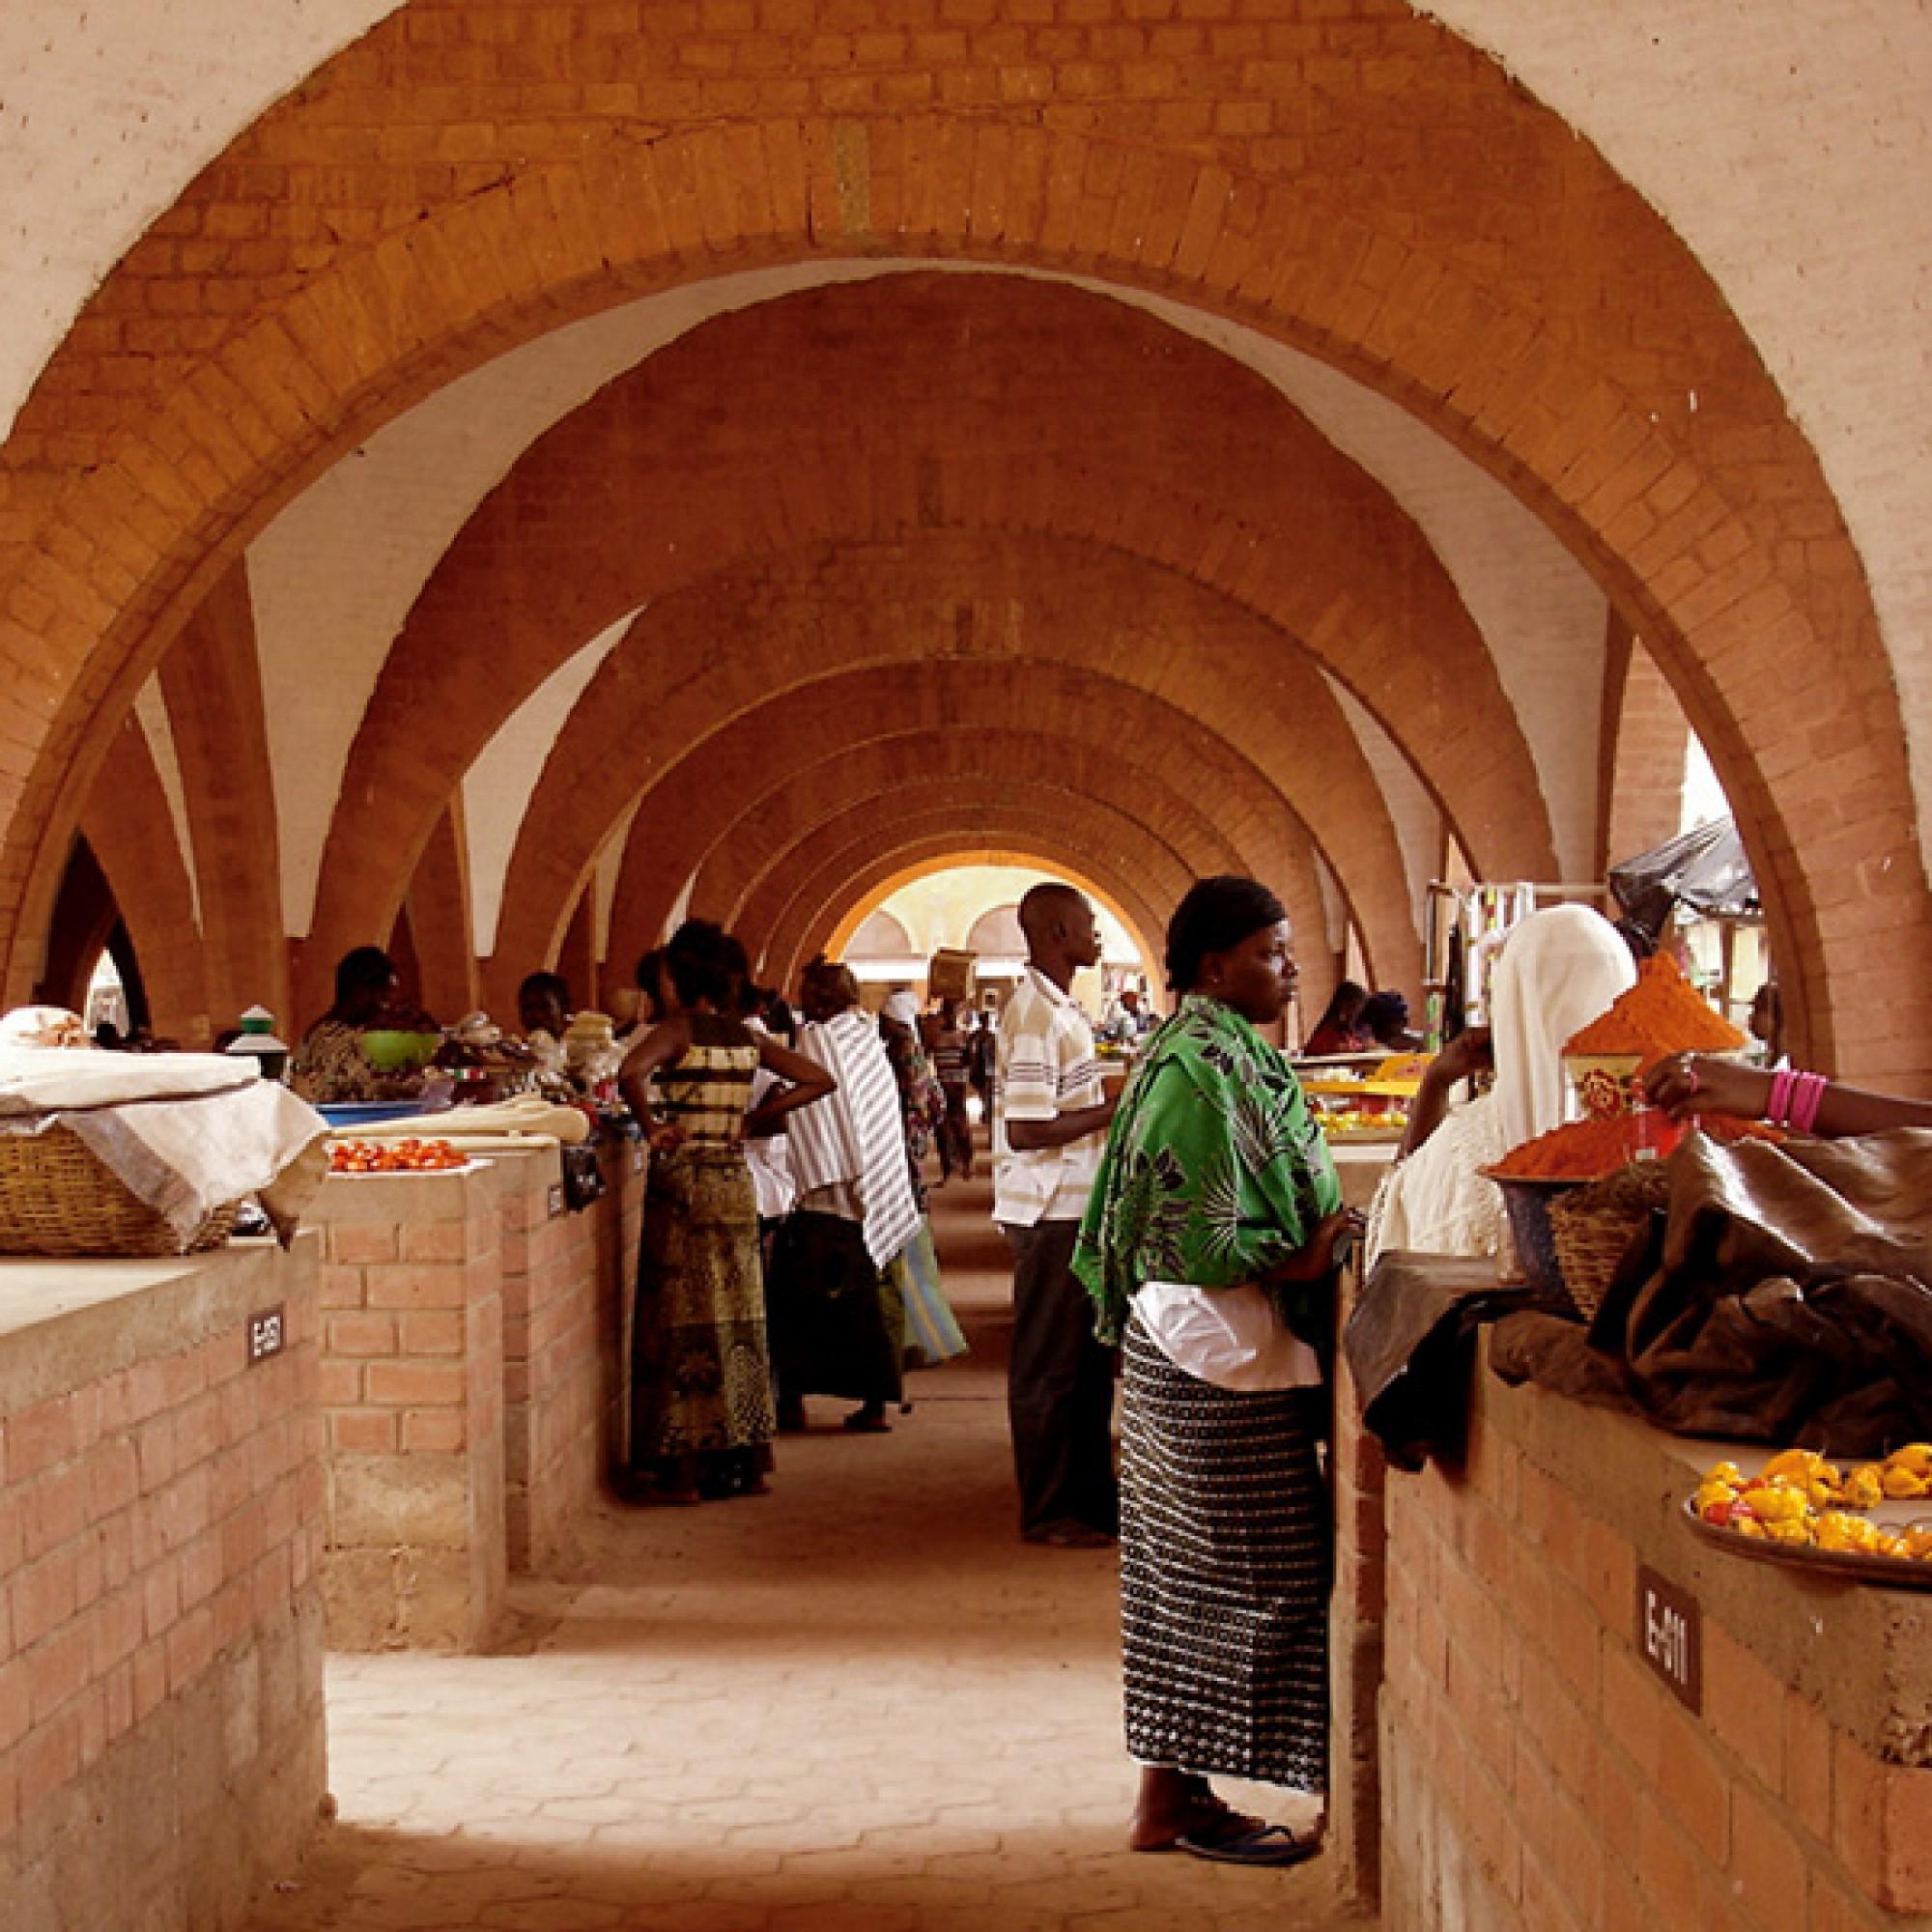 Zentraler Markt in Koudougou, Burkina Faso.